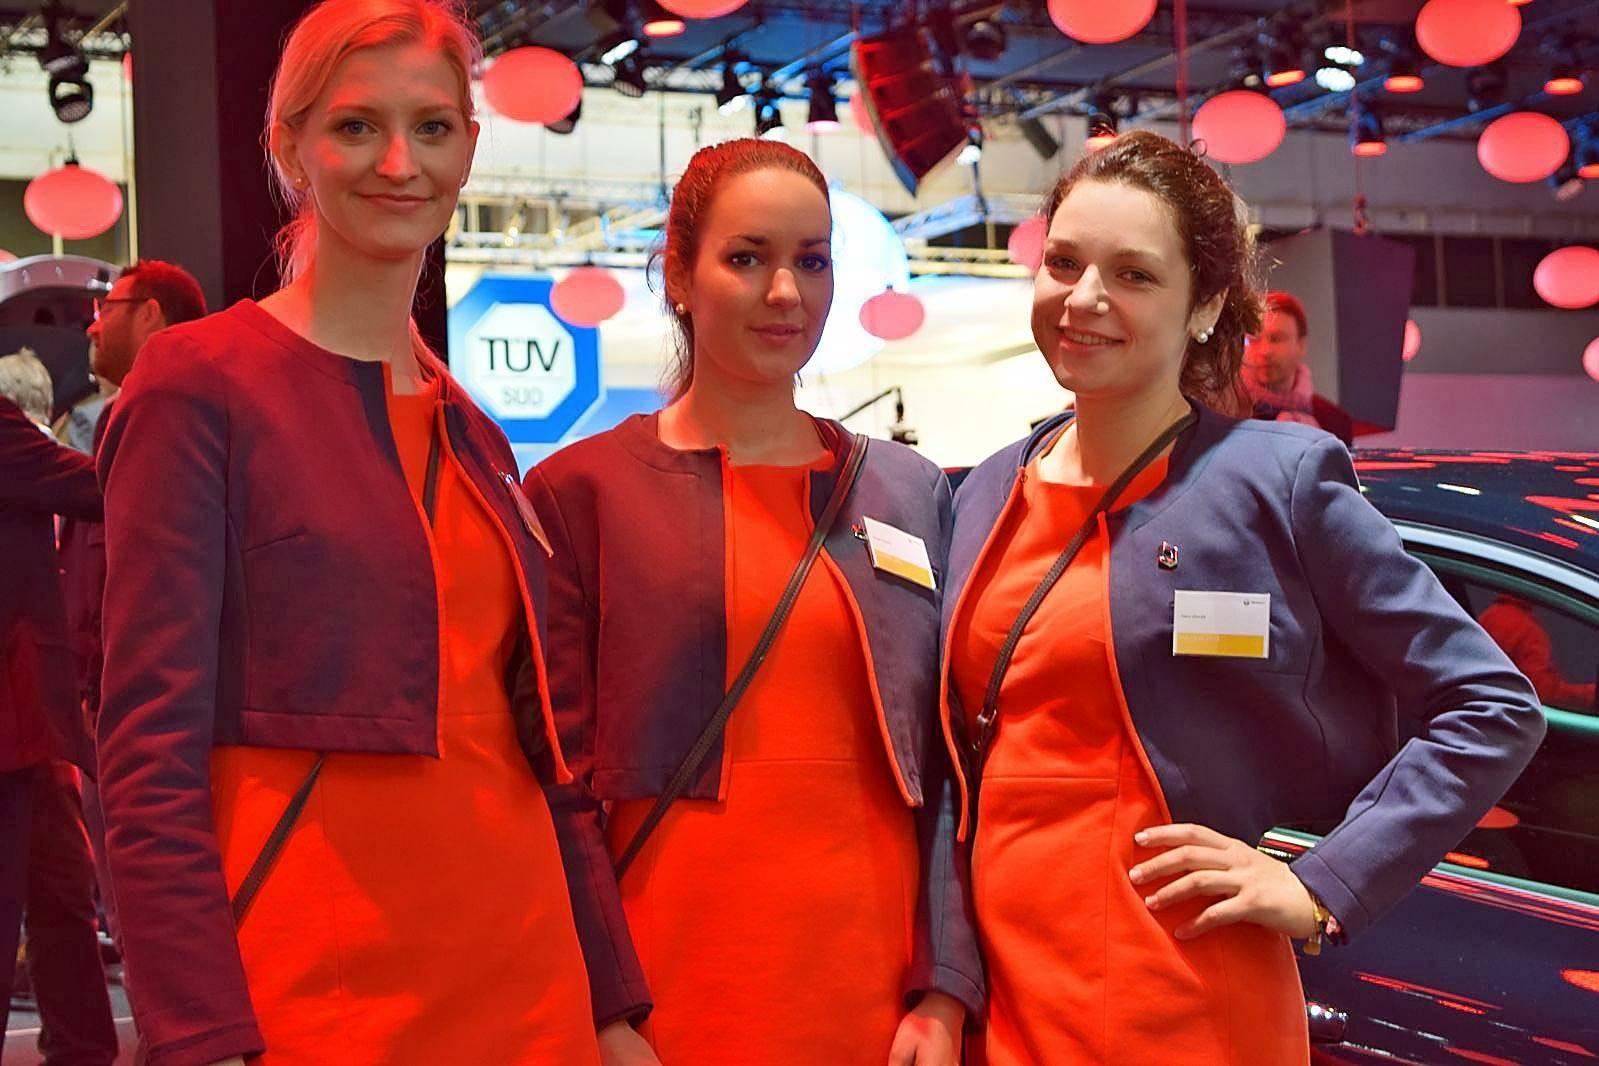 Работа и вакансии в берлине для русских и украинцев в 2021 году